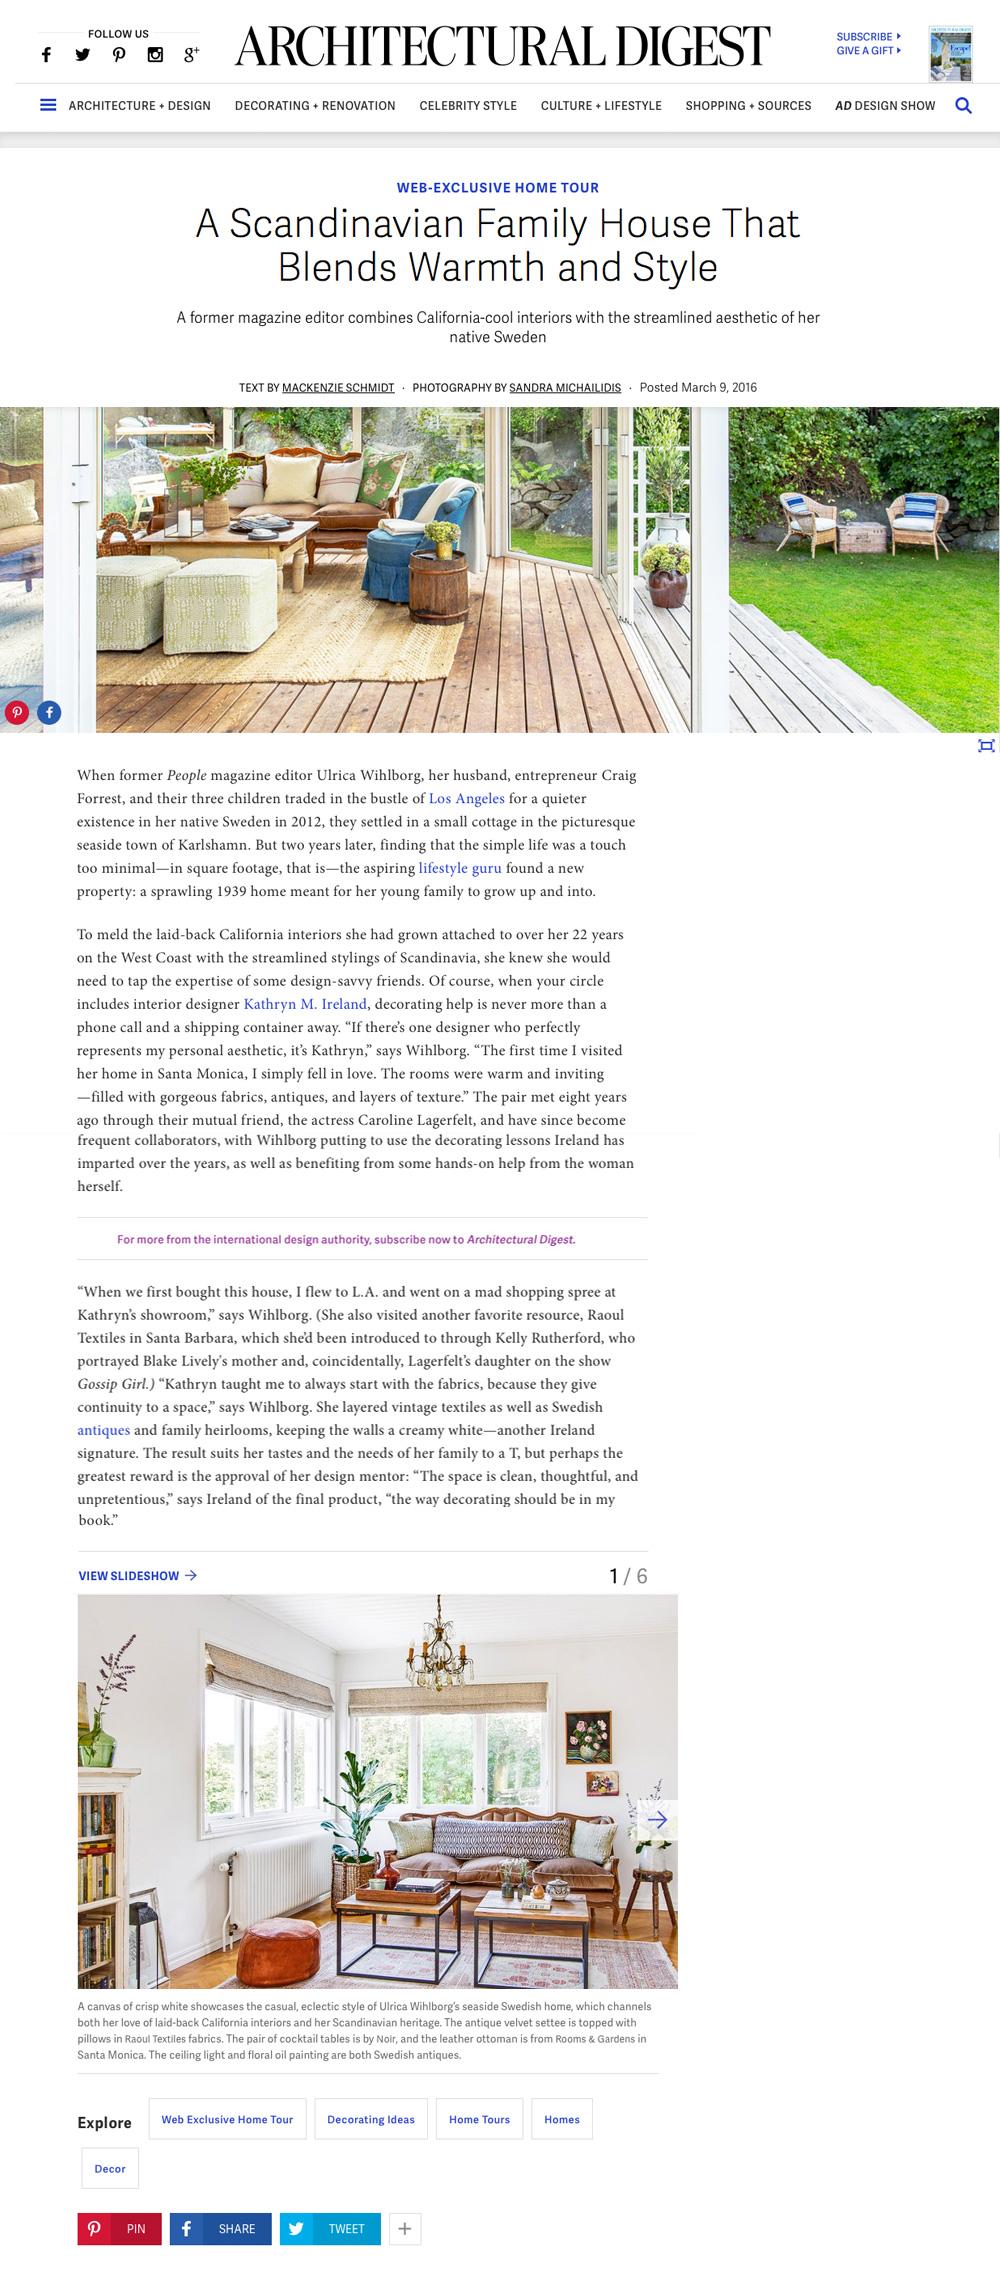 AD_webarticle.jpg